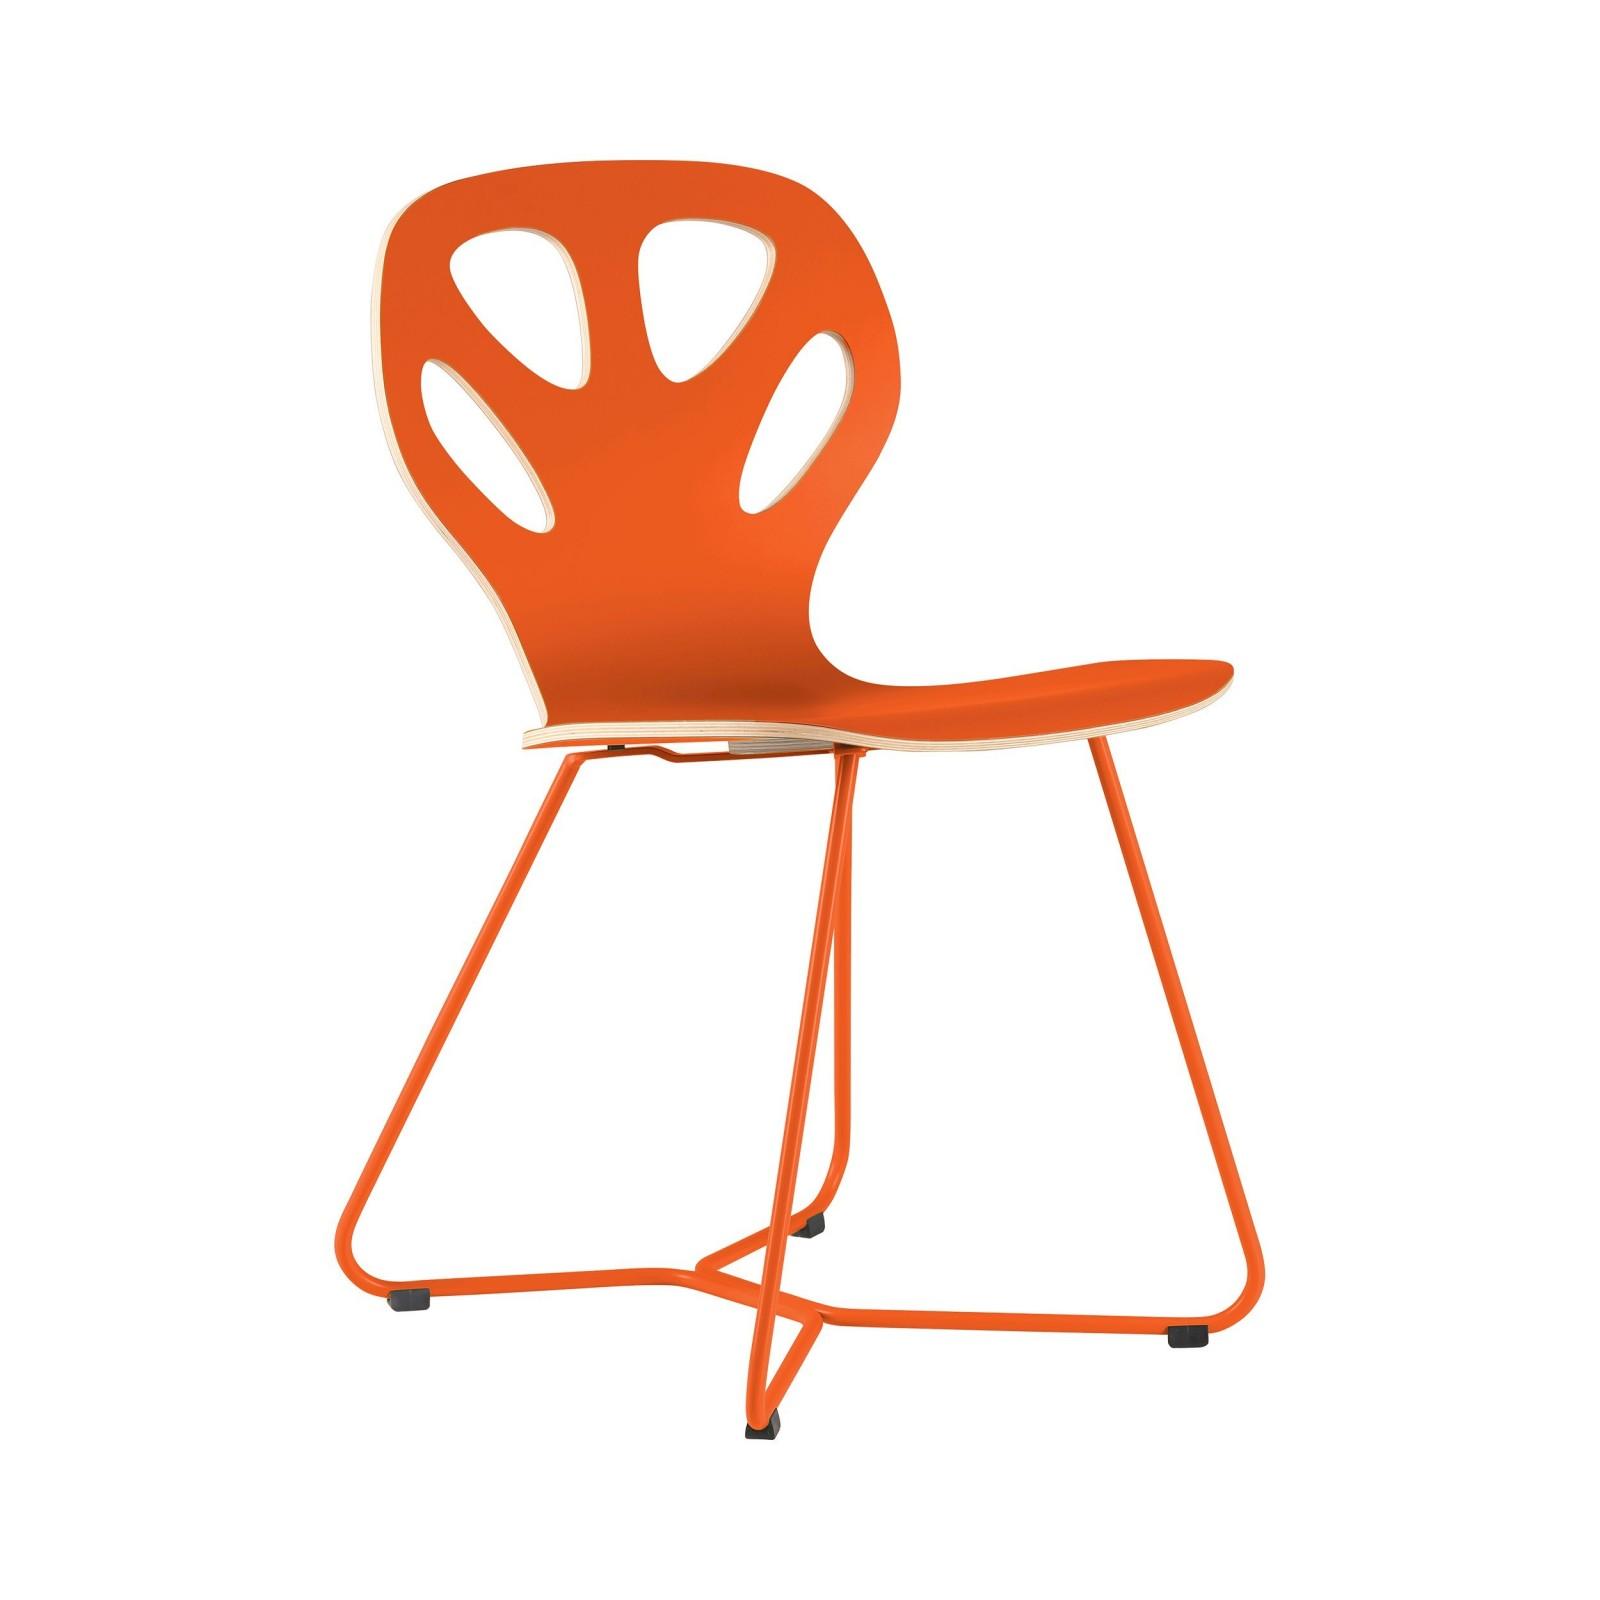 Krzesło MAPLE - M02 - pomarańczowe